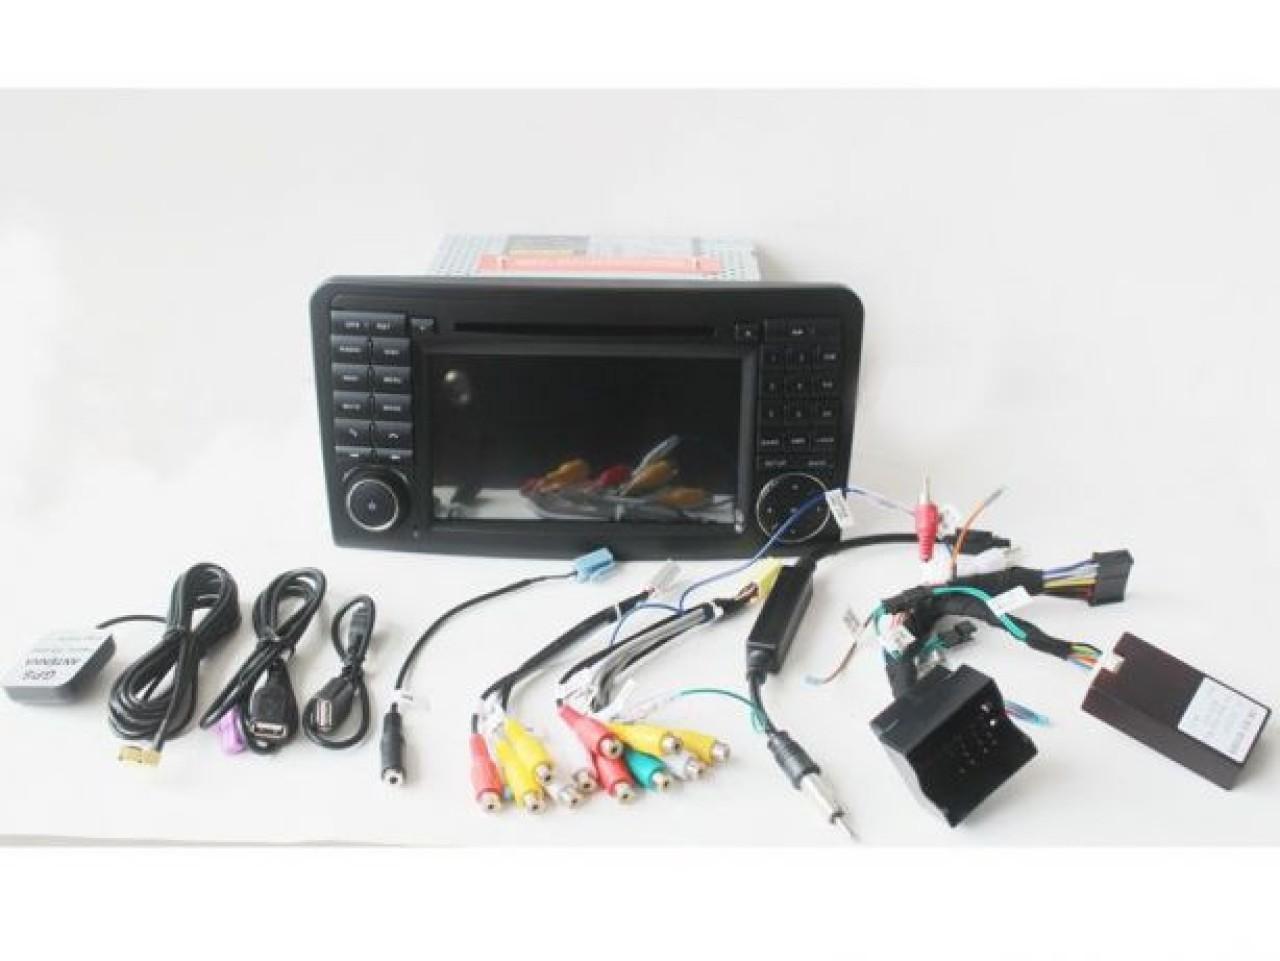 DVD GPS AUTO CARKIT USB Navigatie Dedicata Android Mercedes Benz Ml W164 Class NAVD-A219